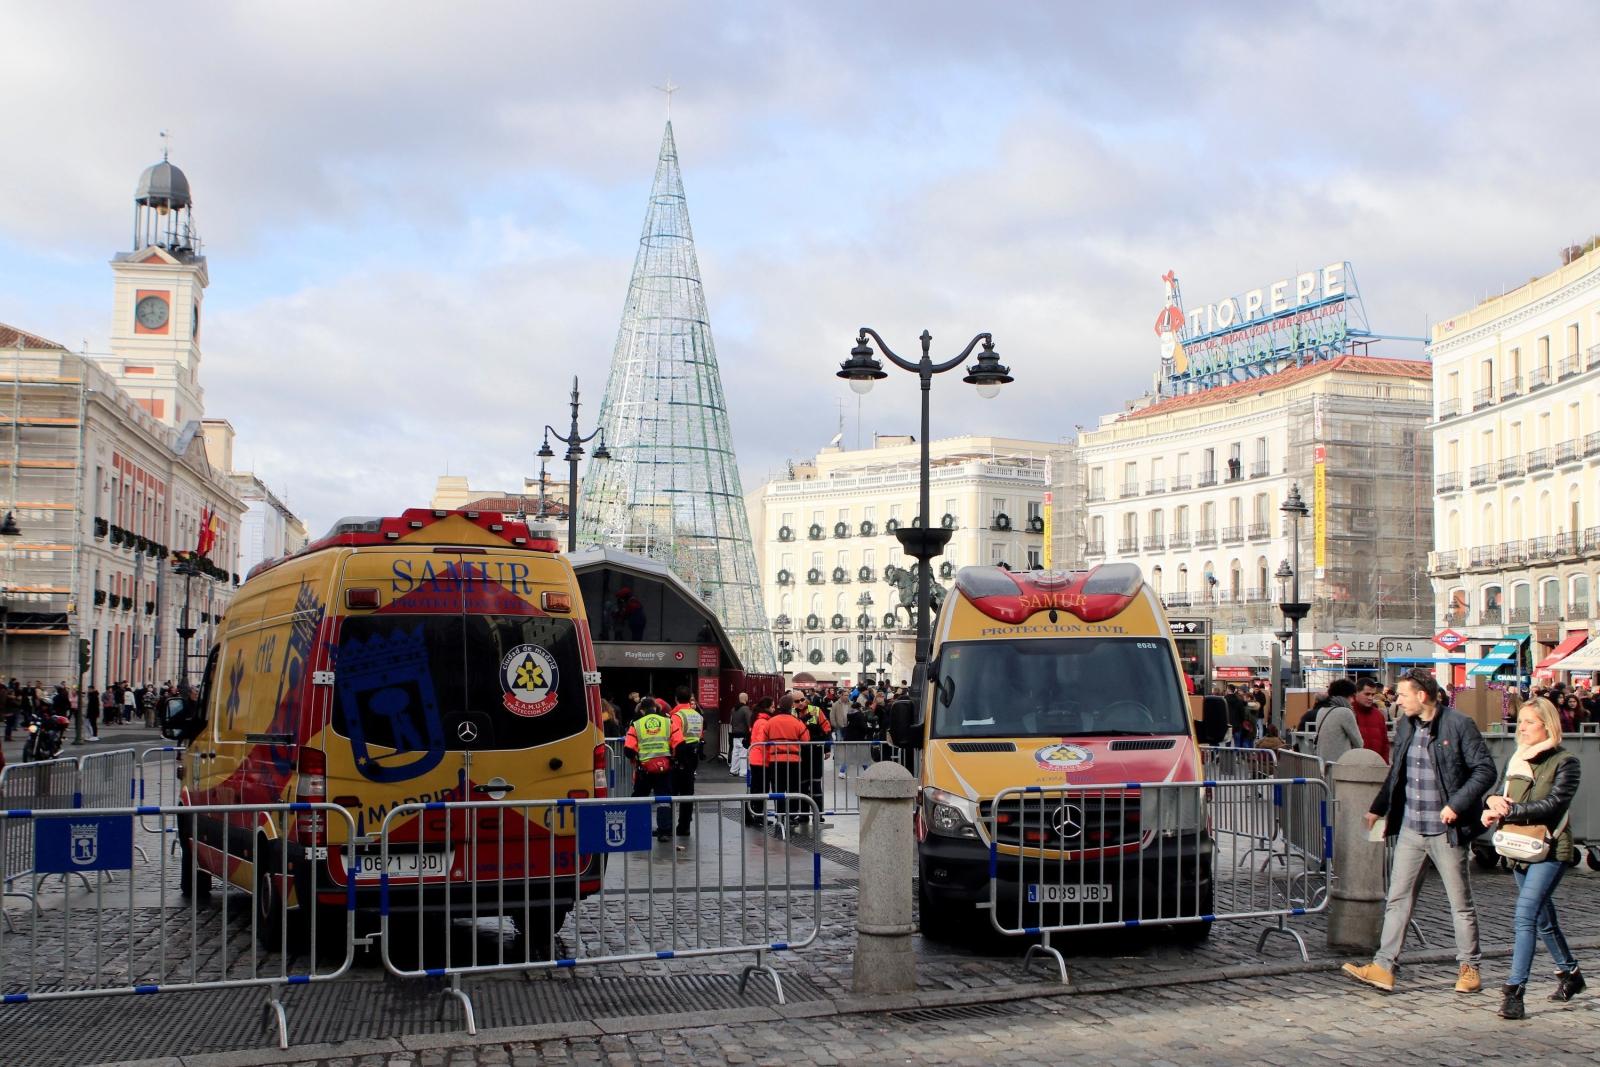 Przygotowania do Sylwestra w Madrycie, Hiszpania